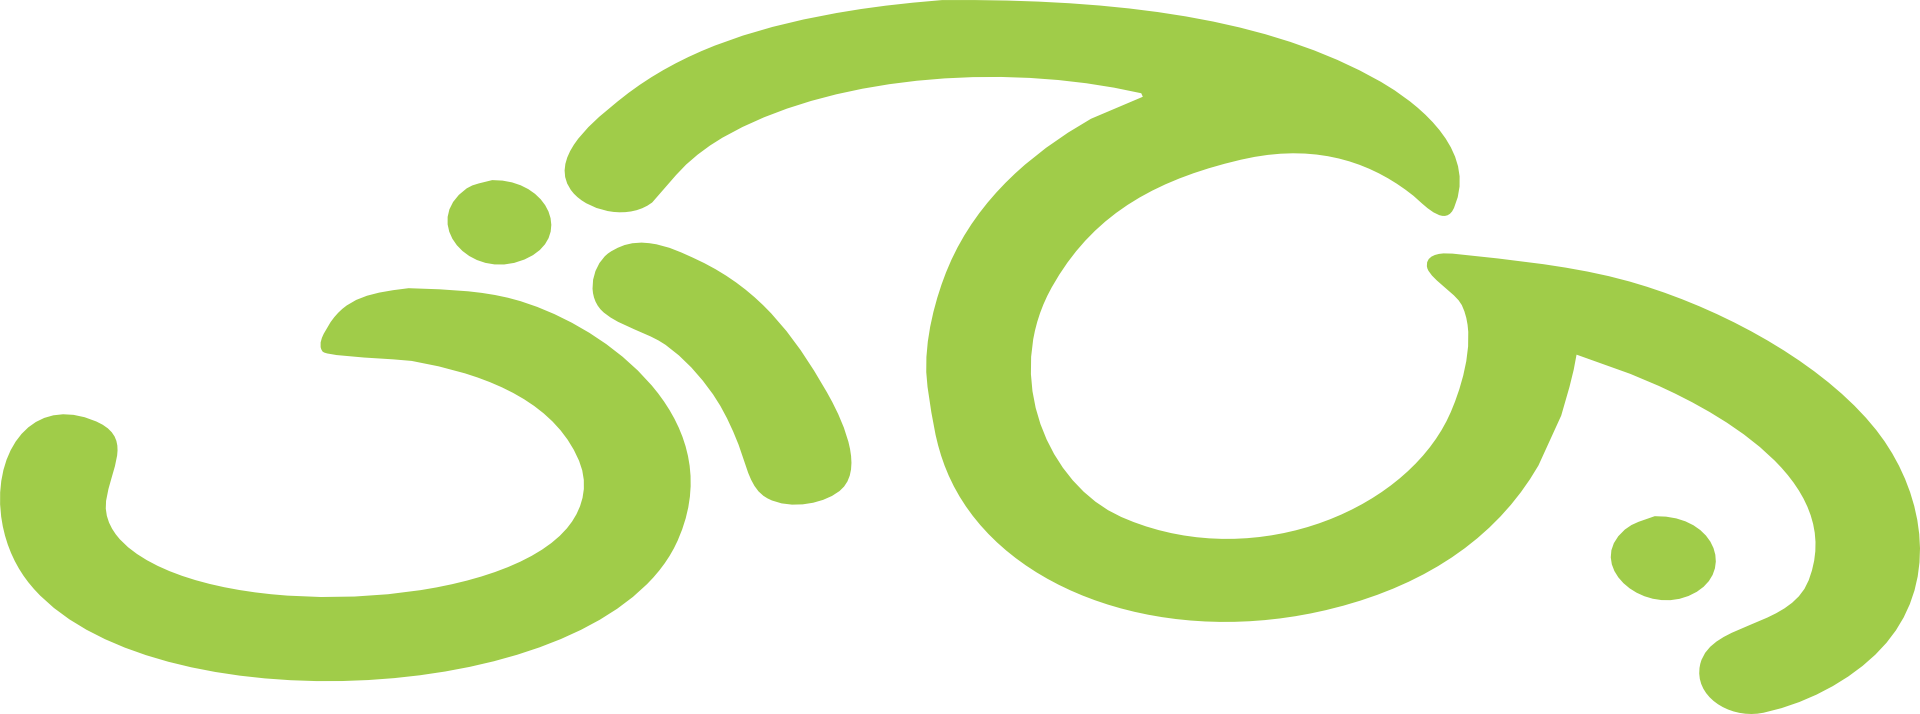 Uinti Tampere Ry:n logo